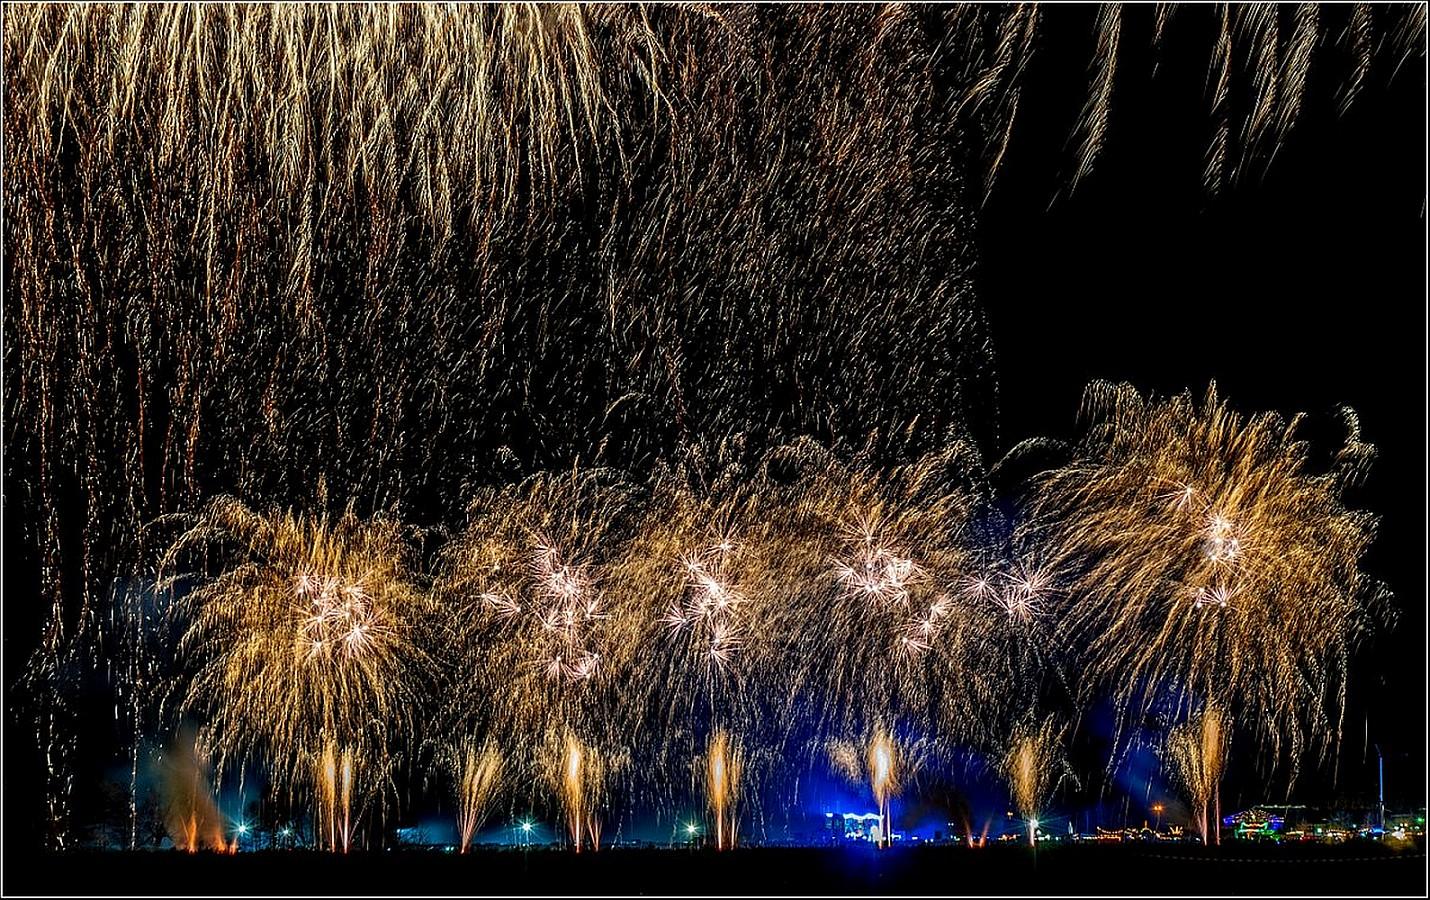 (Kein?) Buntes Feuerwerk zum Jahreswechsel?